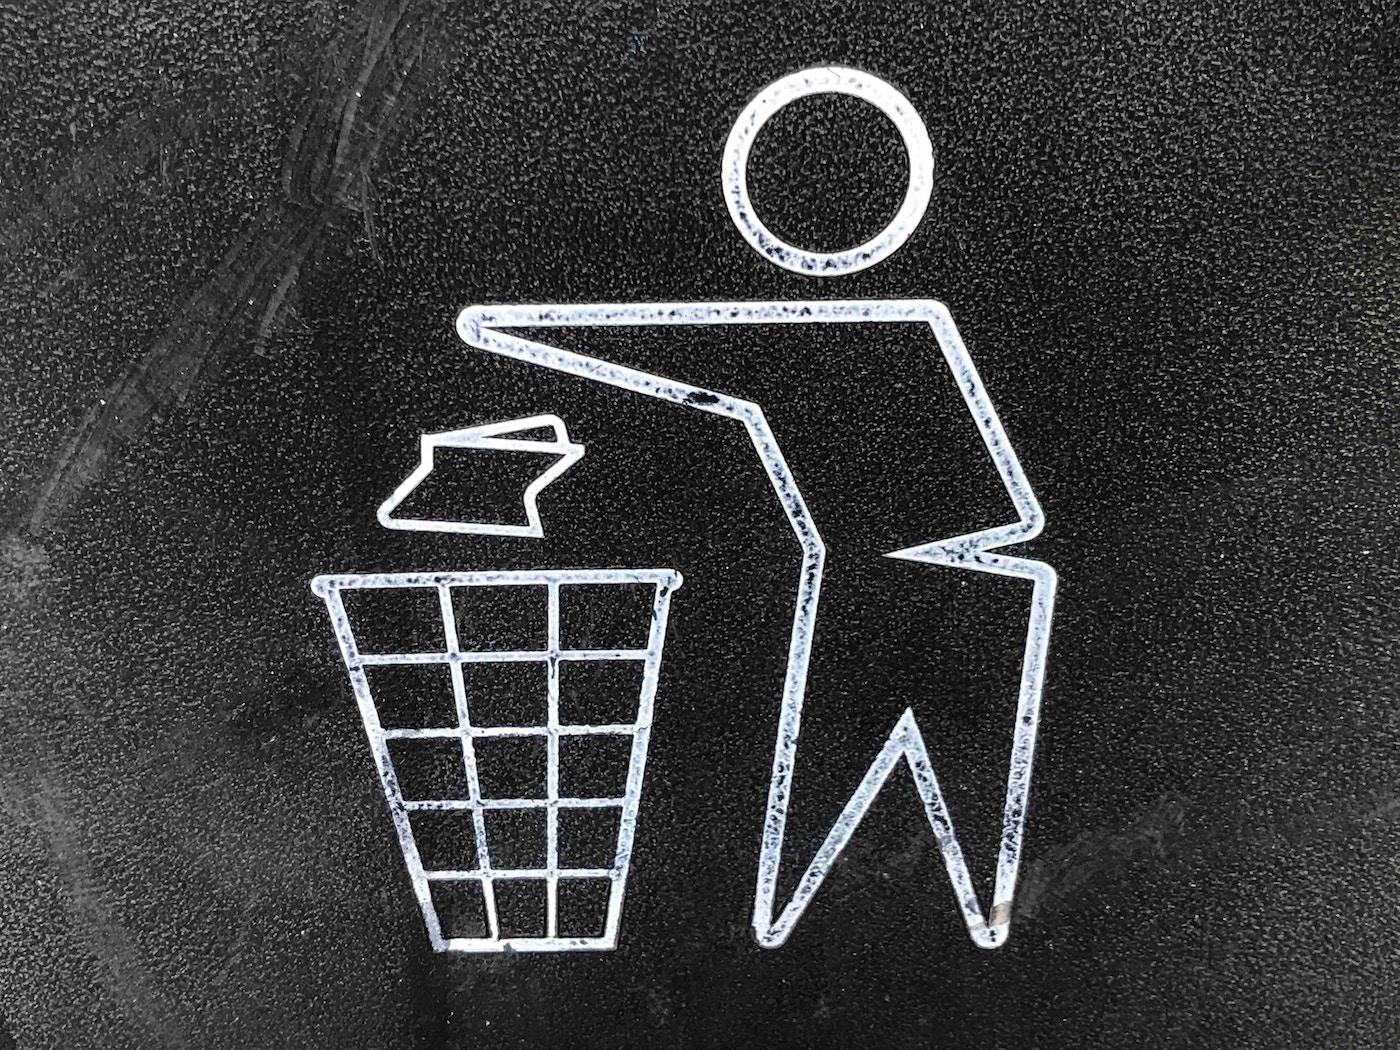 Із 2018 року сортування сміття стане обов'язковим — що варто знати